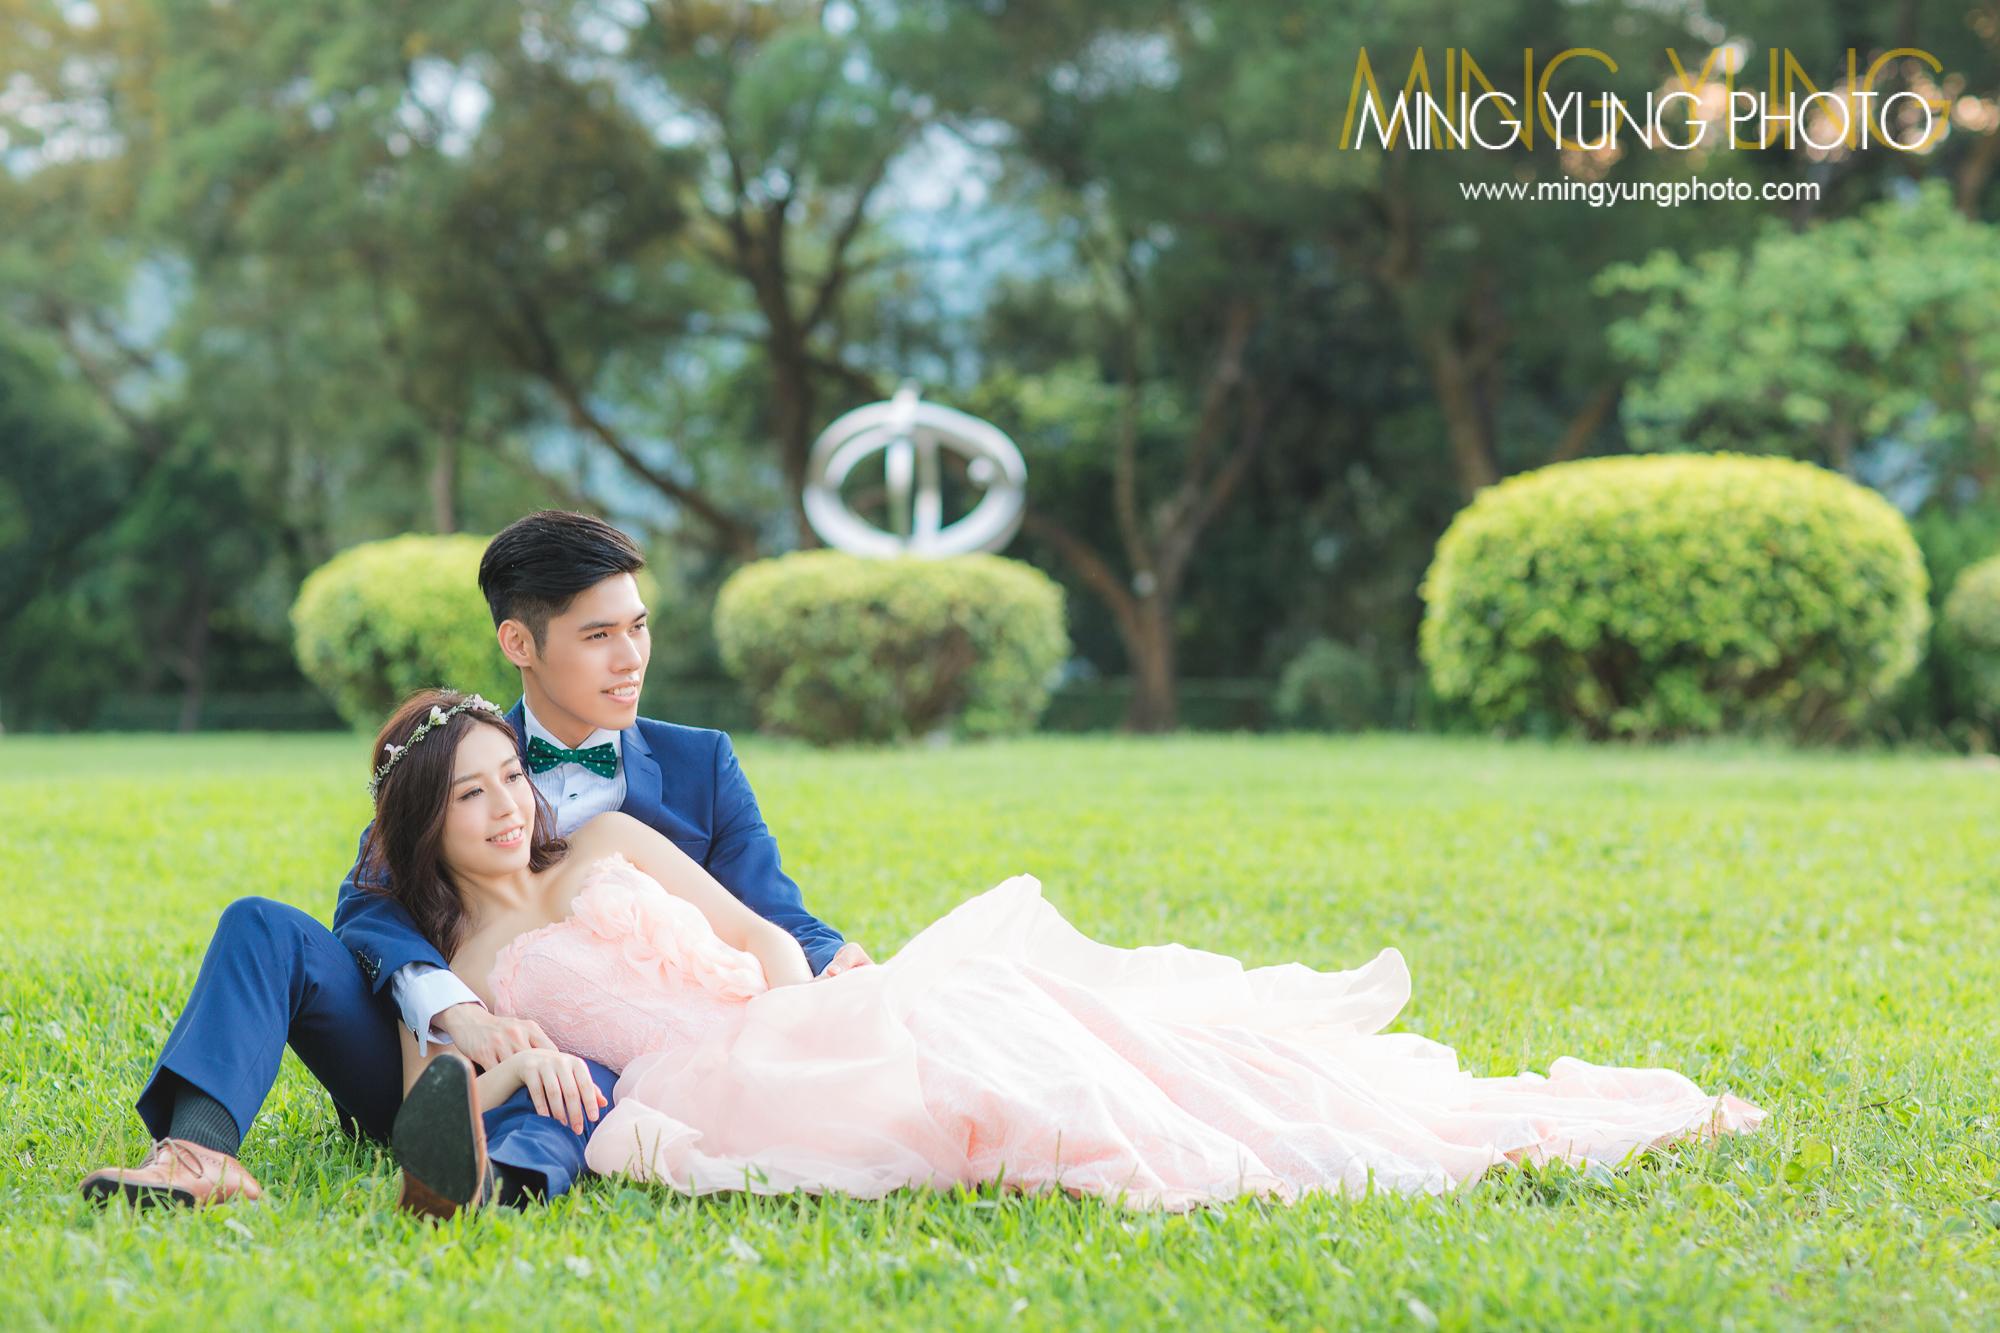 mingyungphoto-20160507-0016